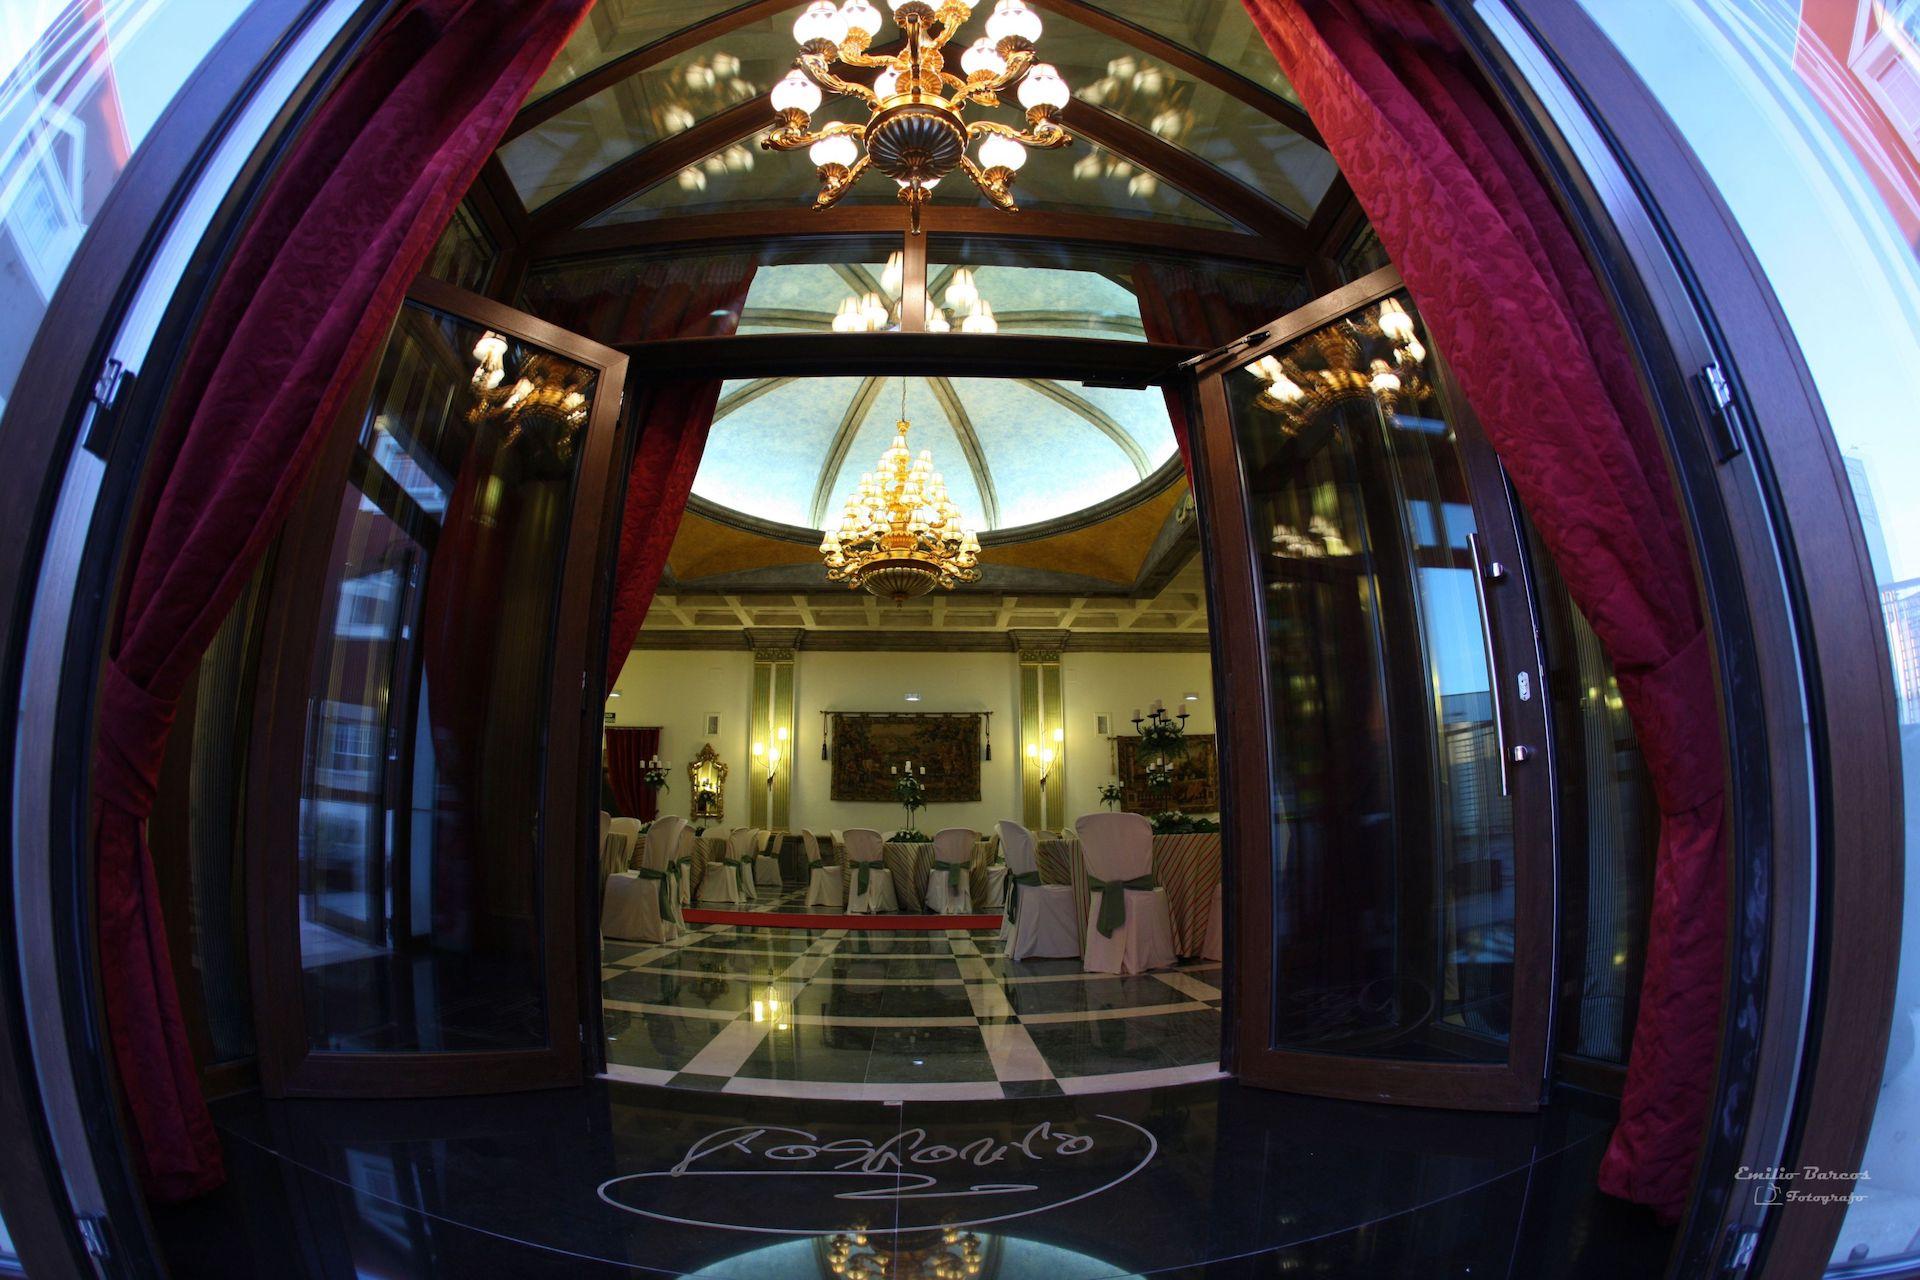 Celebraciones Hotel Las Acacias Puente Genil Córdoba